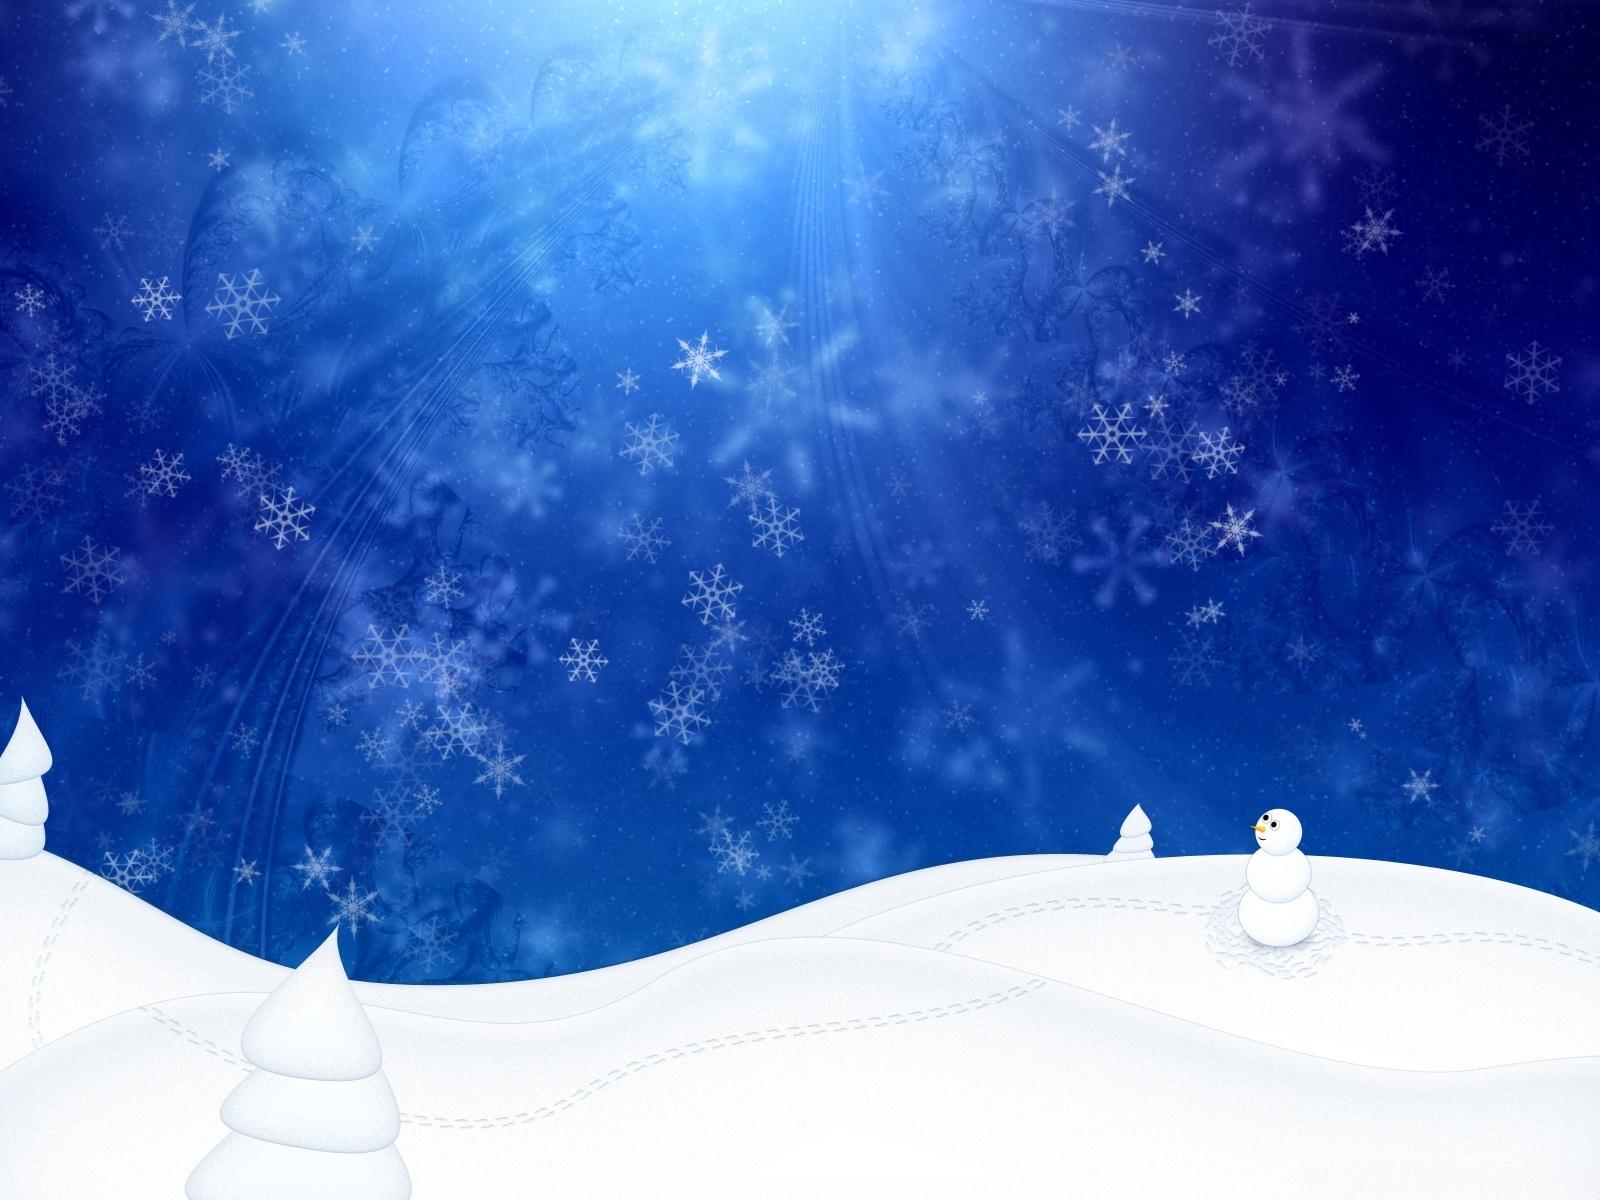 1765 descargar fondo de pantalla Invierno, Fondo, Año Nuevo, Nieve, Navidad: protectores de pantalla e imágenes gratis